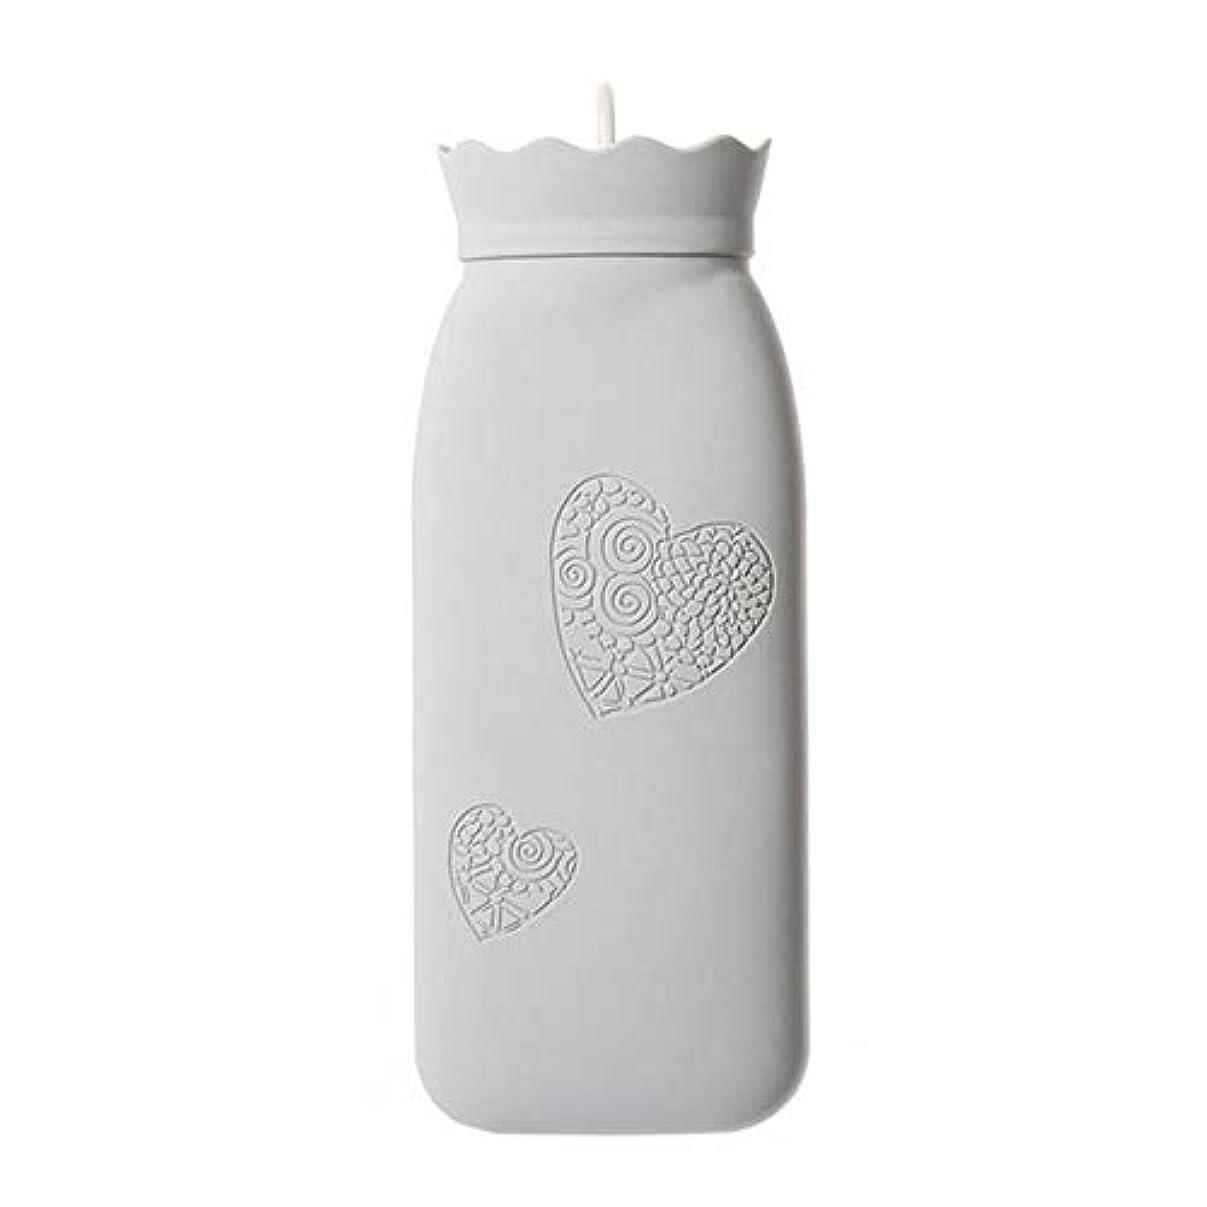 航空便予想外想起CoolTackホームオフィスのためのニットカバーマイクロウェーブ暖房の熱湯バッグが付いているのシリコーンの熱湯バッグ